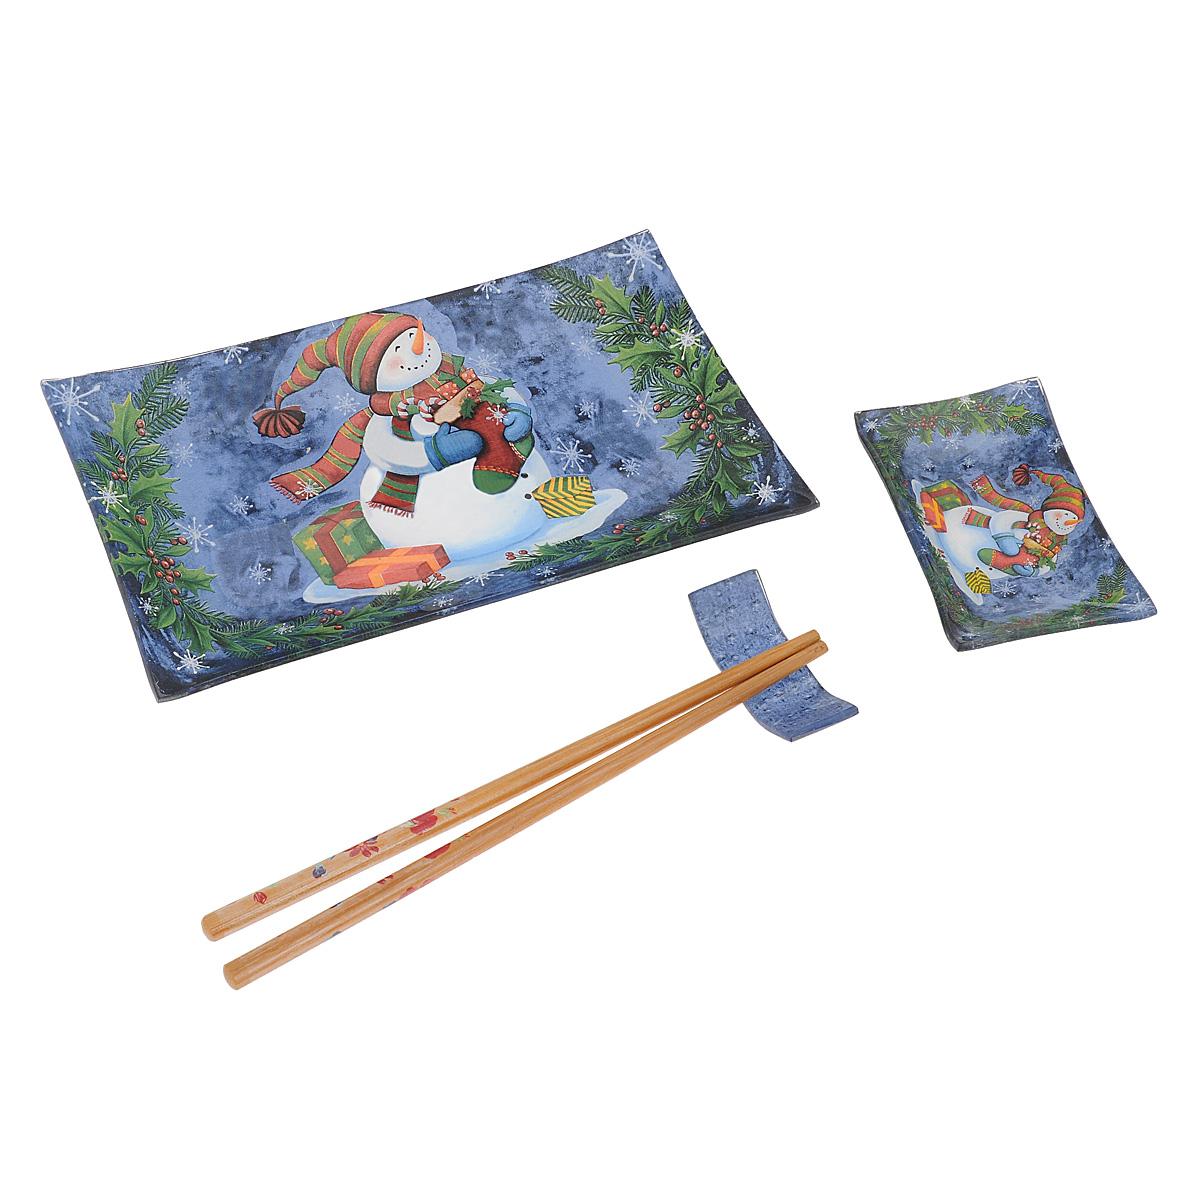 Набор для суши Lillo Снеговик, 4 предмета. 214382214382Набор для суши Lillo, выполненный из высококачественного стекла, включает в себя прямоугольную тарелку для суши, соусницу под соевый соус, комплект бамбуковых палочек и подставку для них. Тарелка и соусница оформлены изображением снеговика с новогодним носочком. Палочки декорированы цветочным рисунком. Данный набор идеально подойдет для грамотной и красивой сервировки стола и будет отличным новогодним подарком любителям восточной кухни.